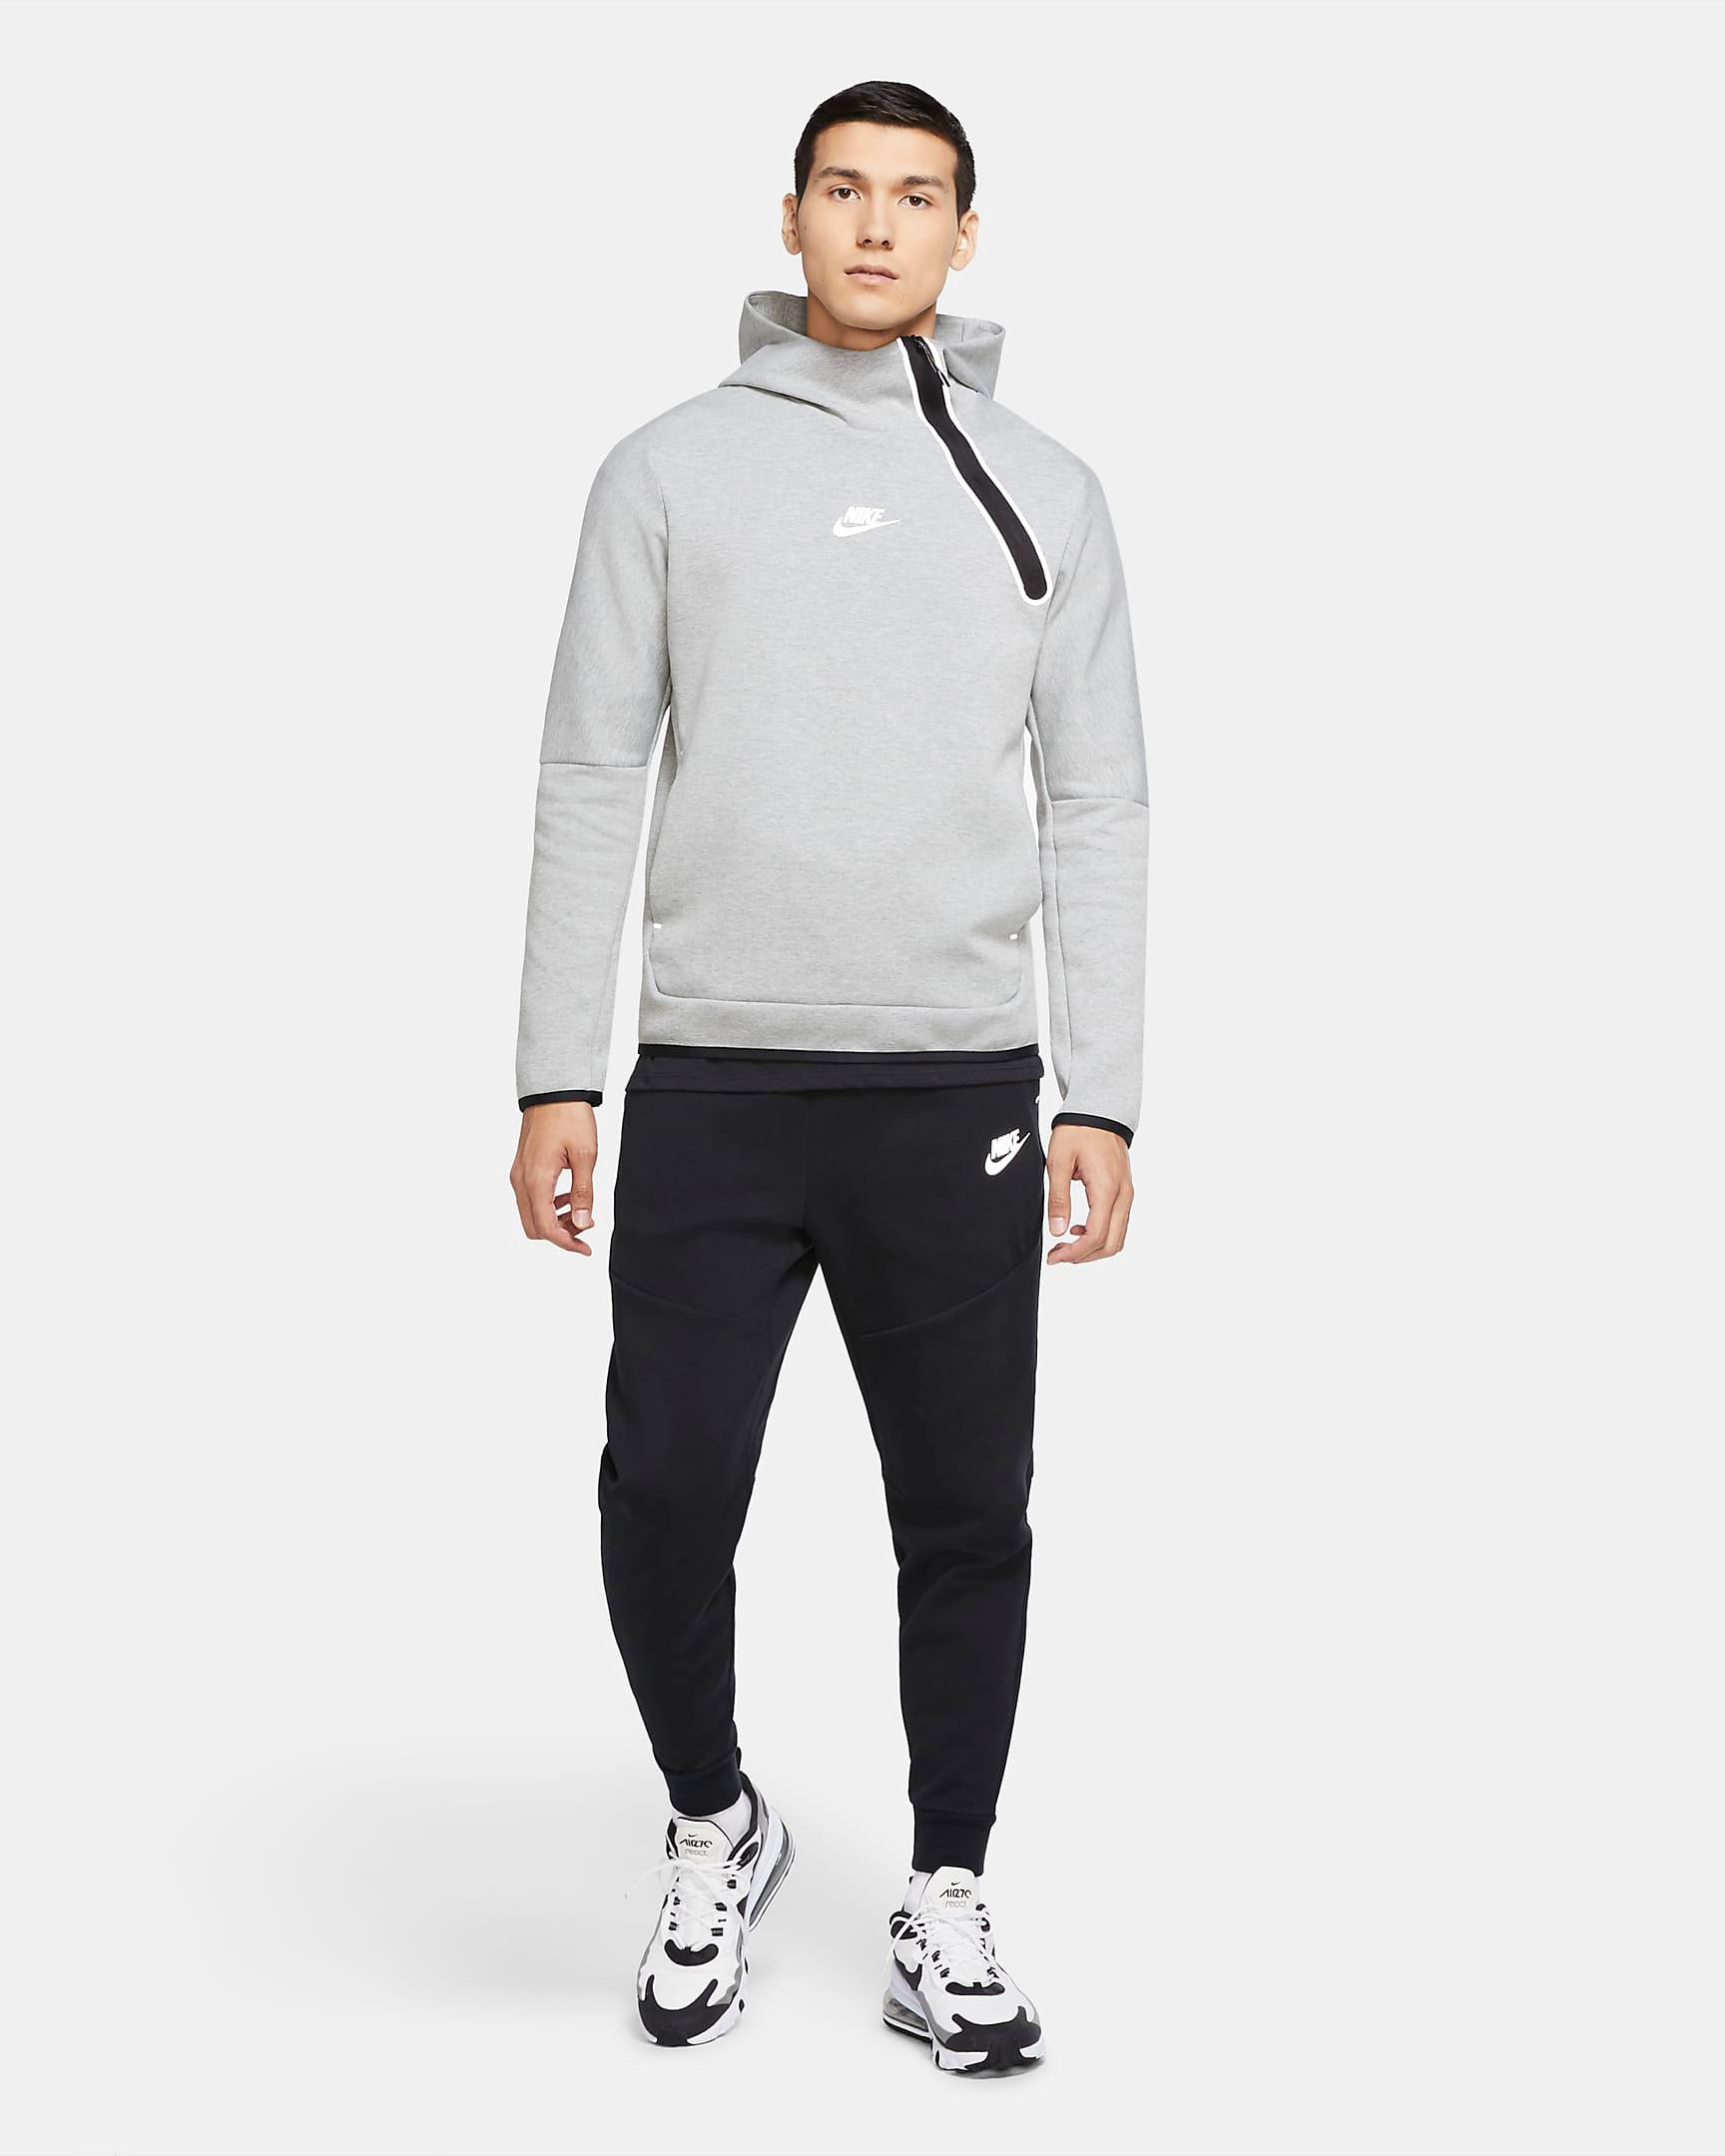 nike-air-max-95-neon-volt-grey-tech-fleece-jogger-pants